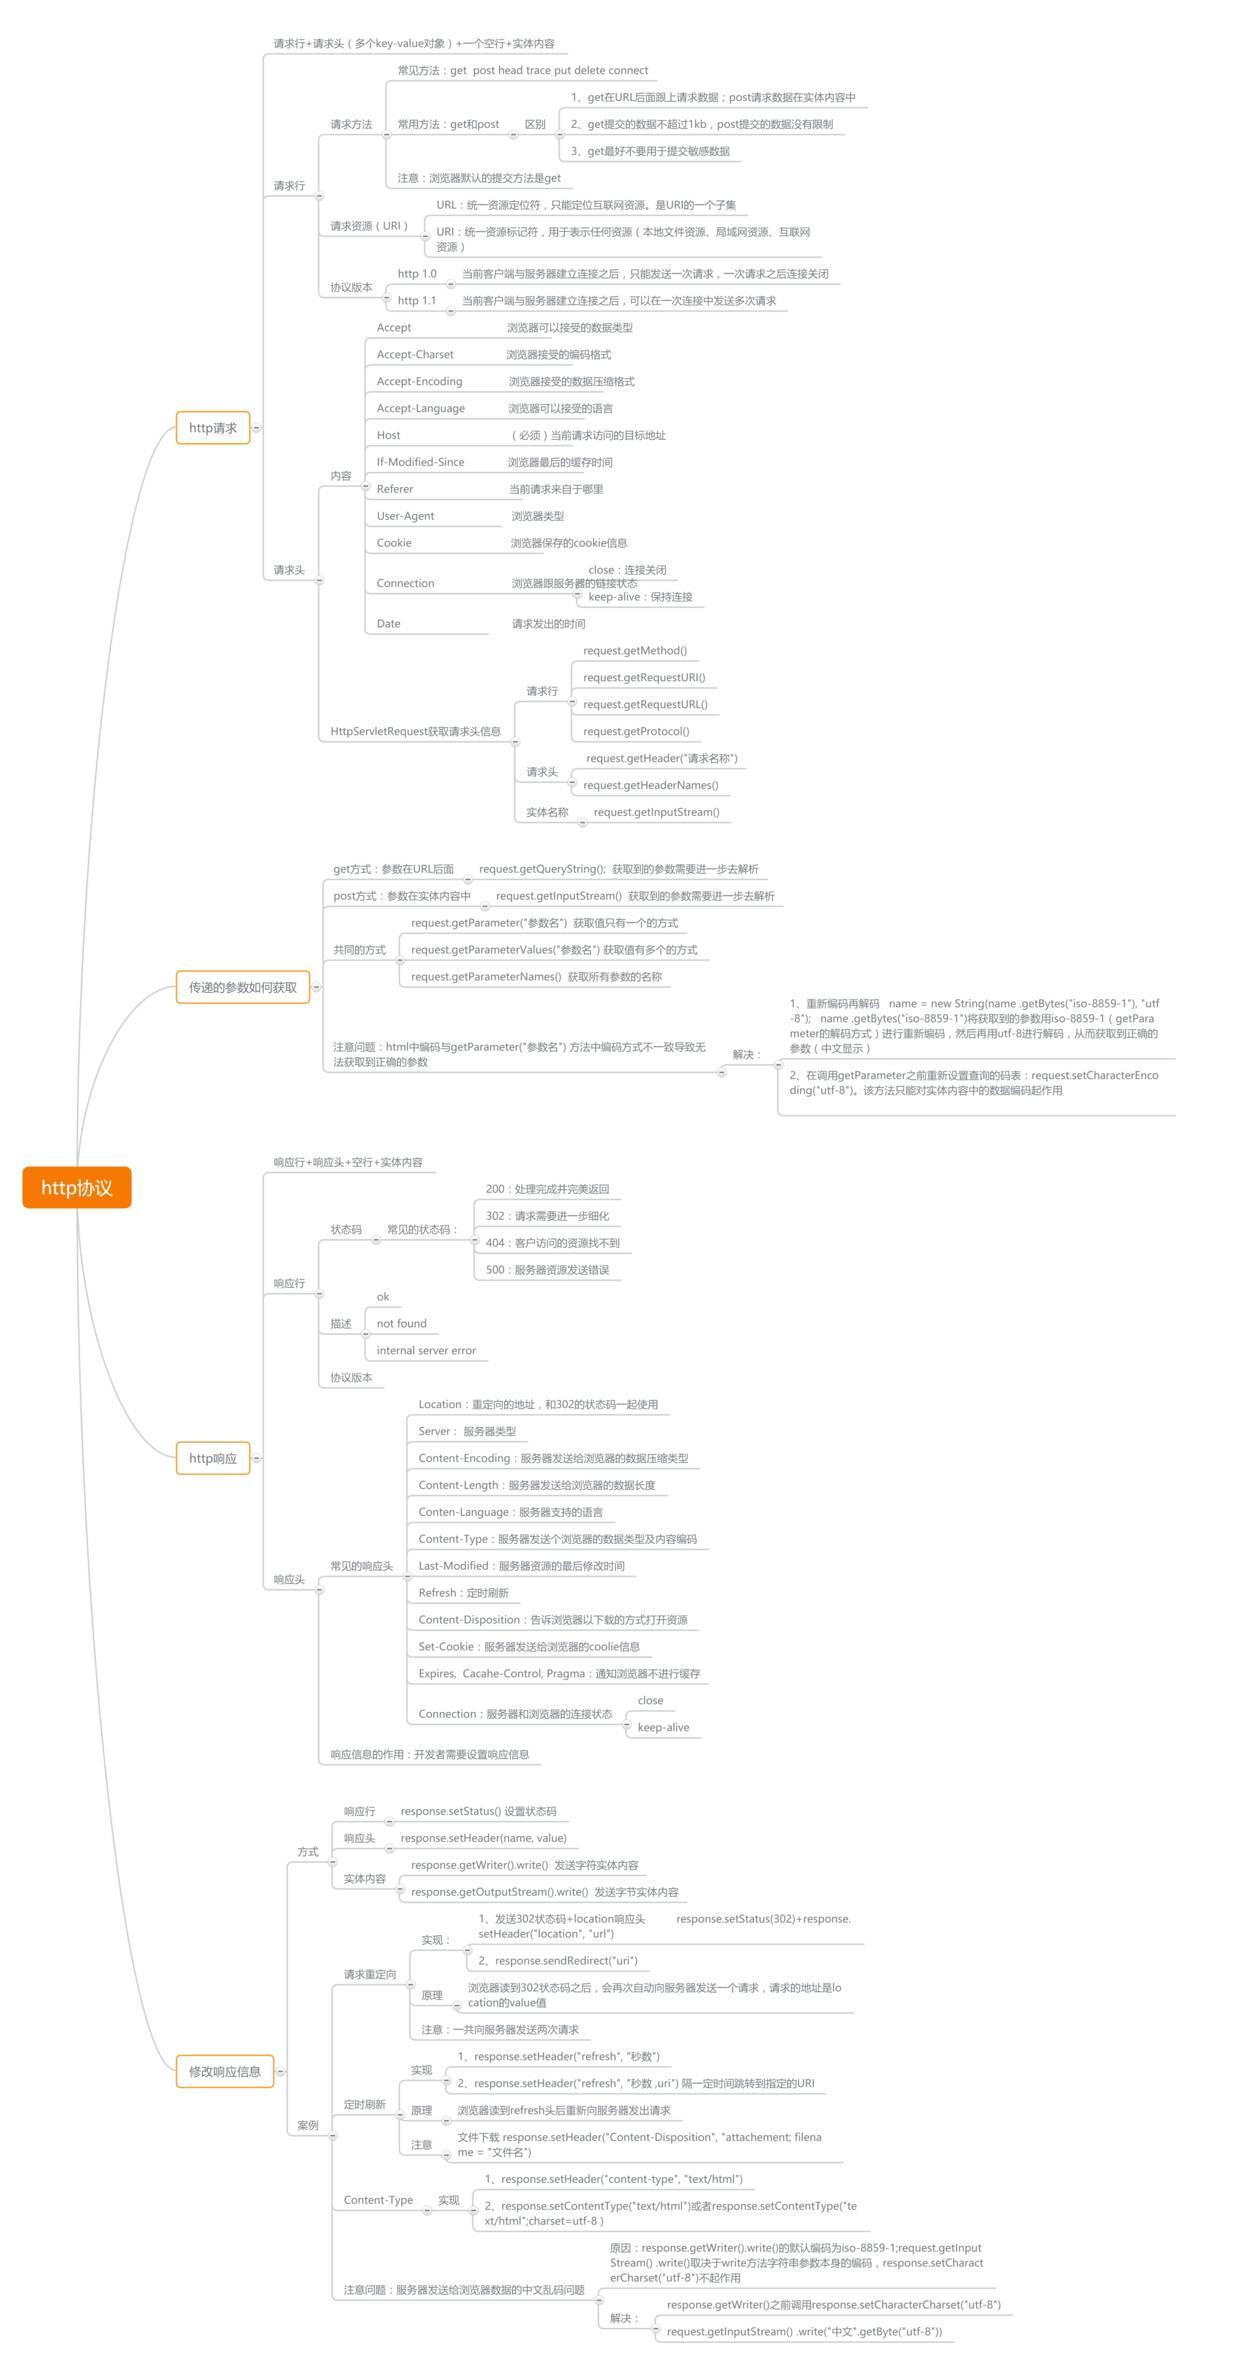 思维导图 | HTTP 超文本协议,让 HTTP 不再难懂(二)